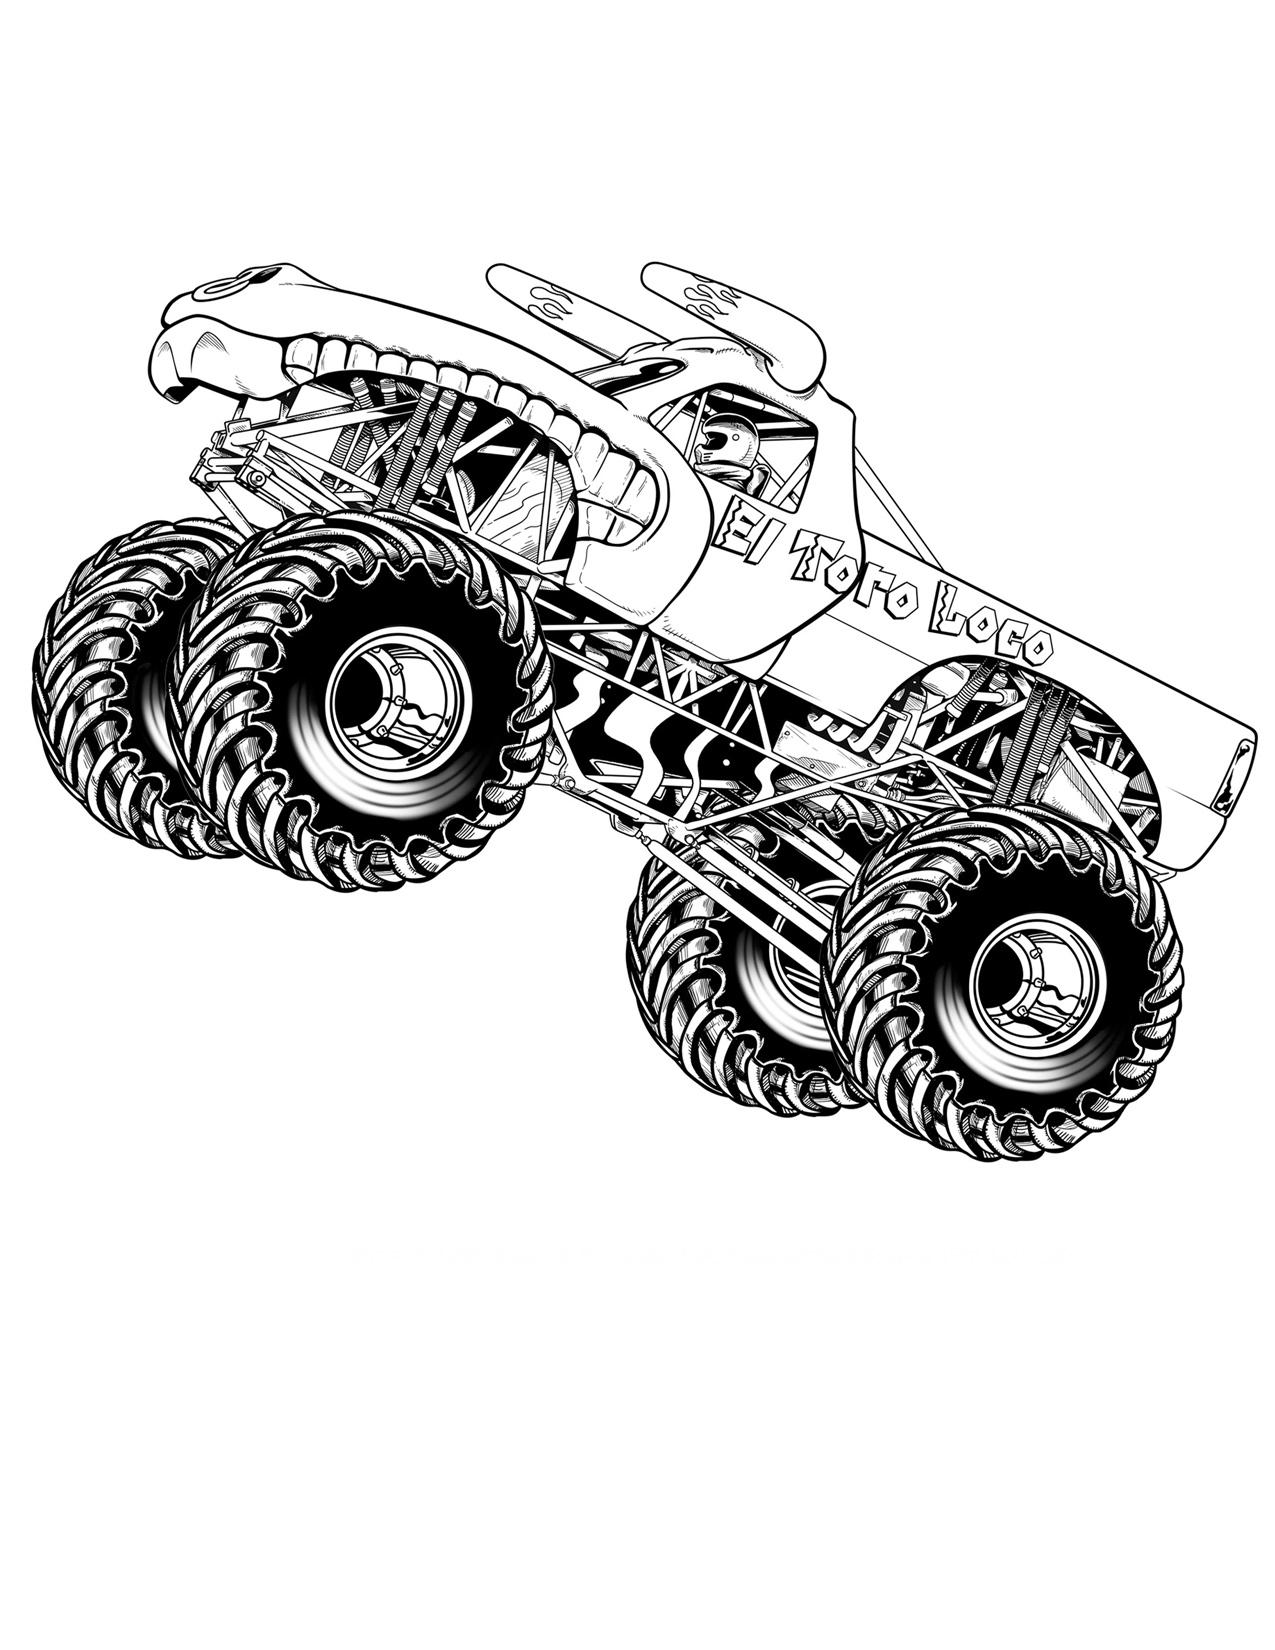 Огромный джип дракон с приподнятыми колесами Картинки раскраски машины